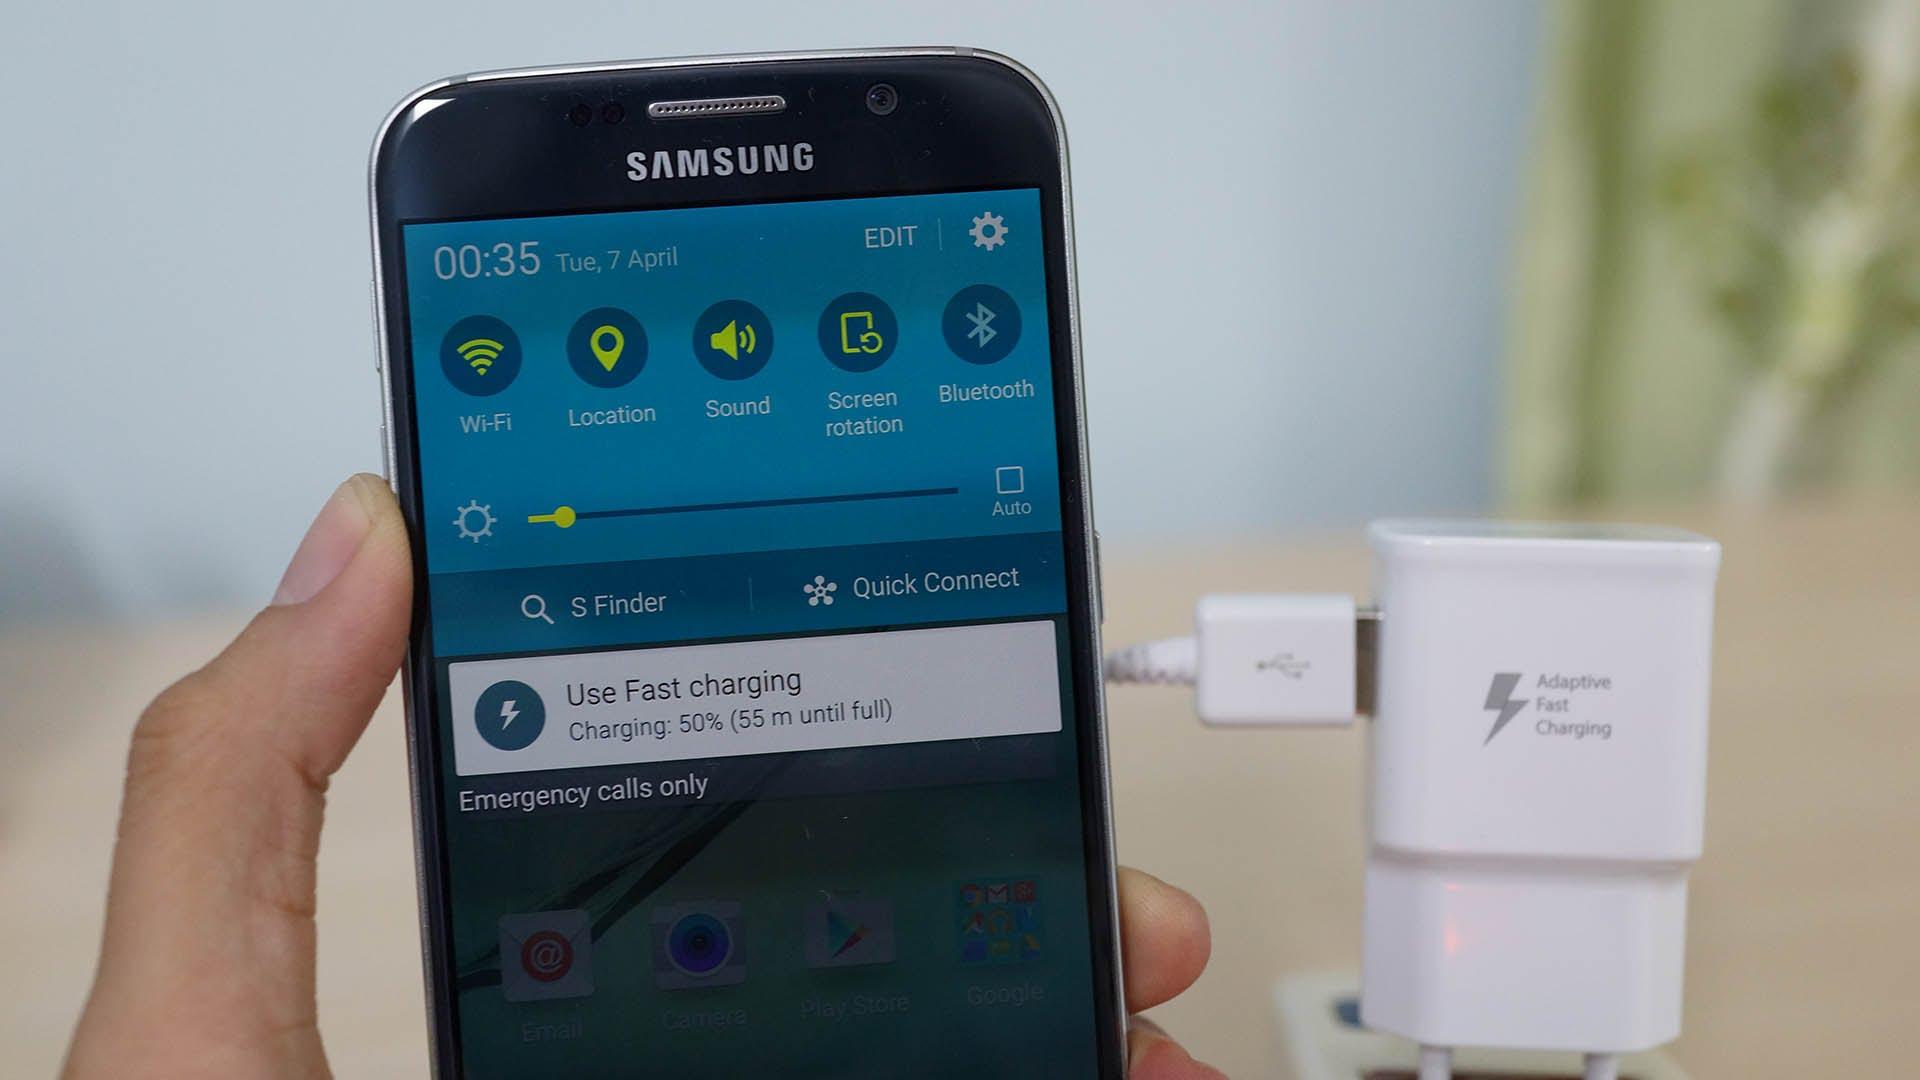 Pin lỗi ảnh hưởng đến quá trình sạc pin của Samsung